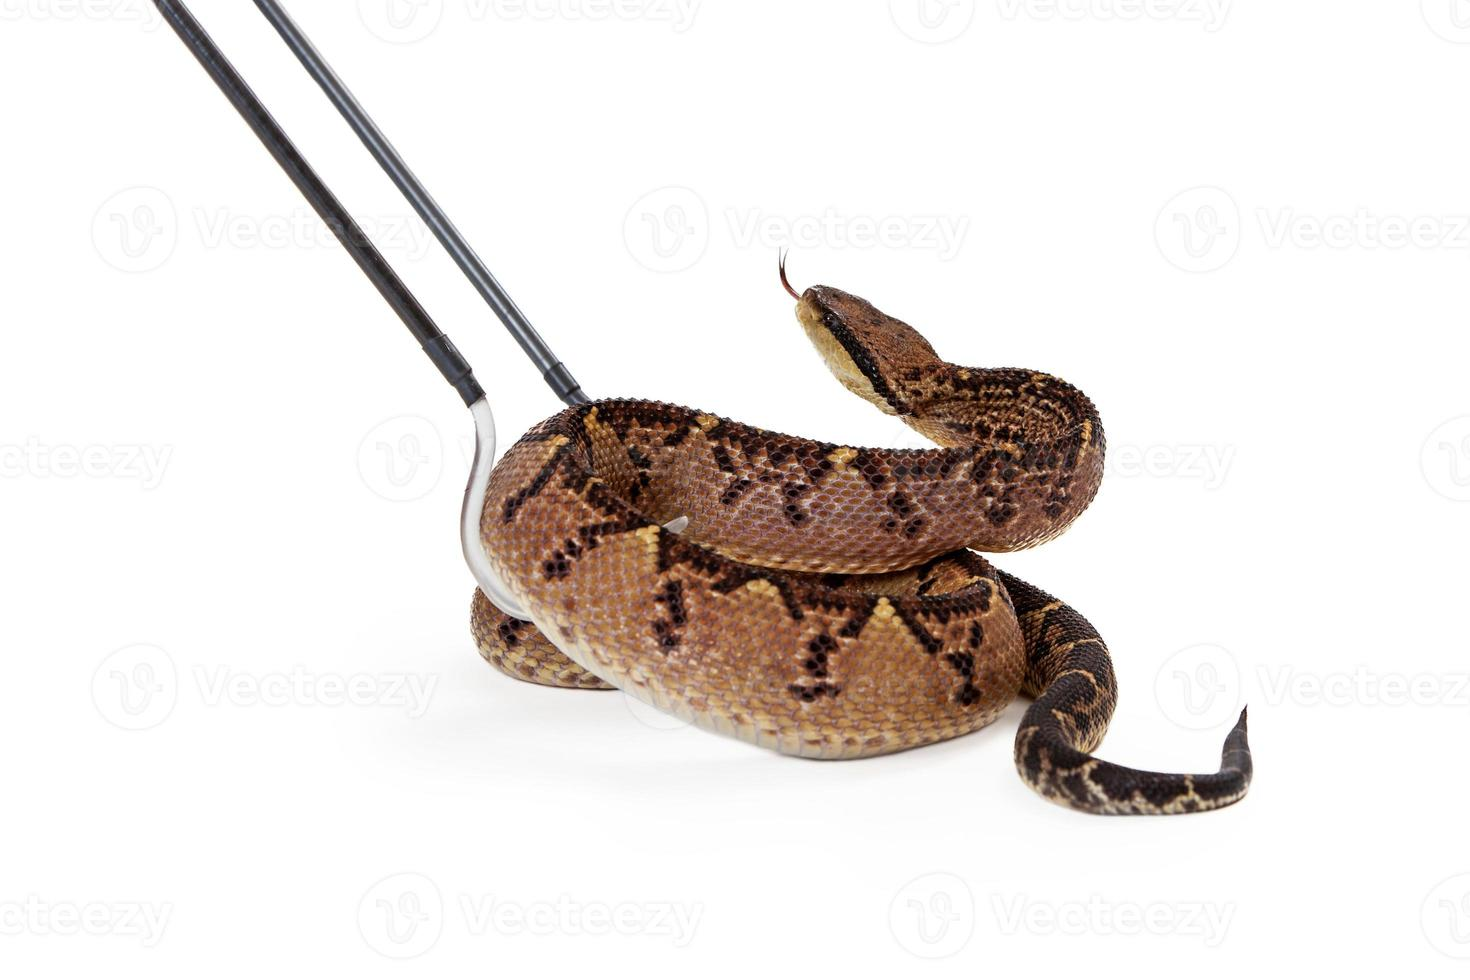 centralamerikanska bushmaster orm som plockas upp foto